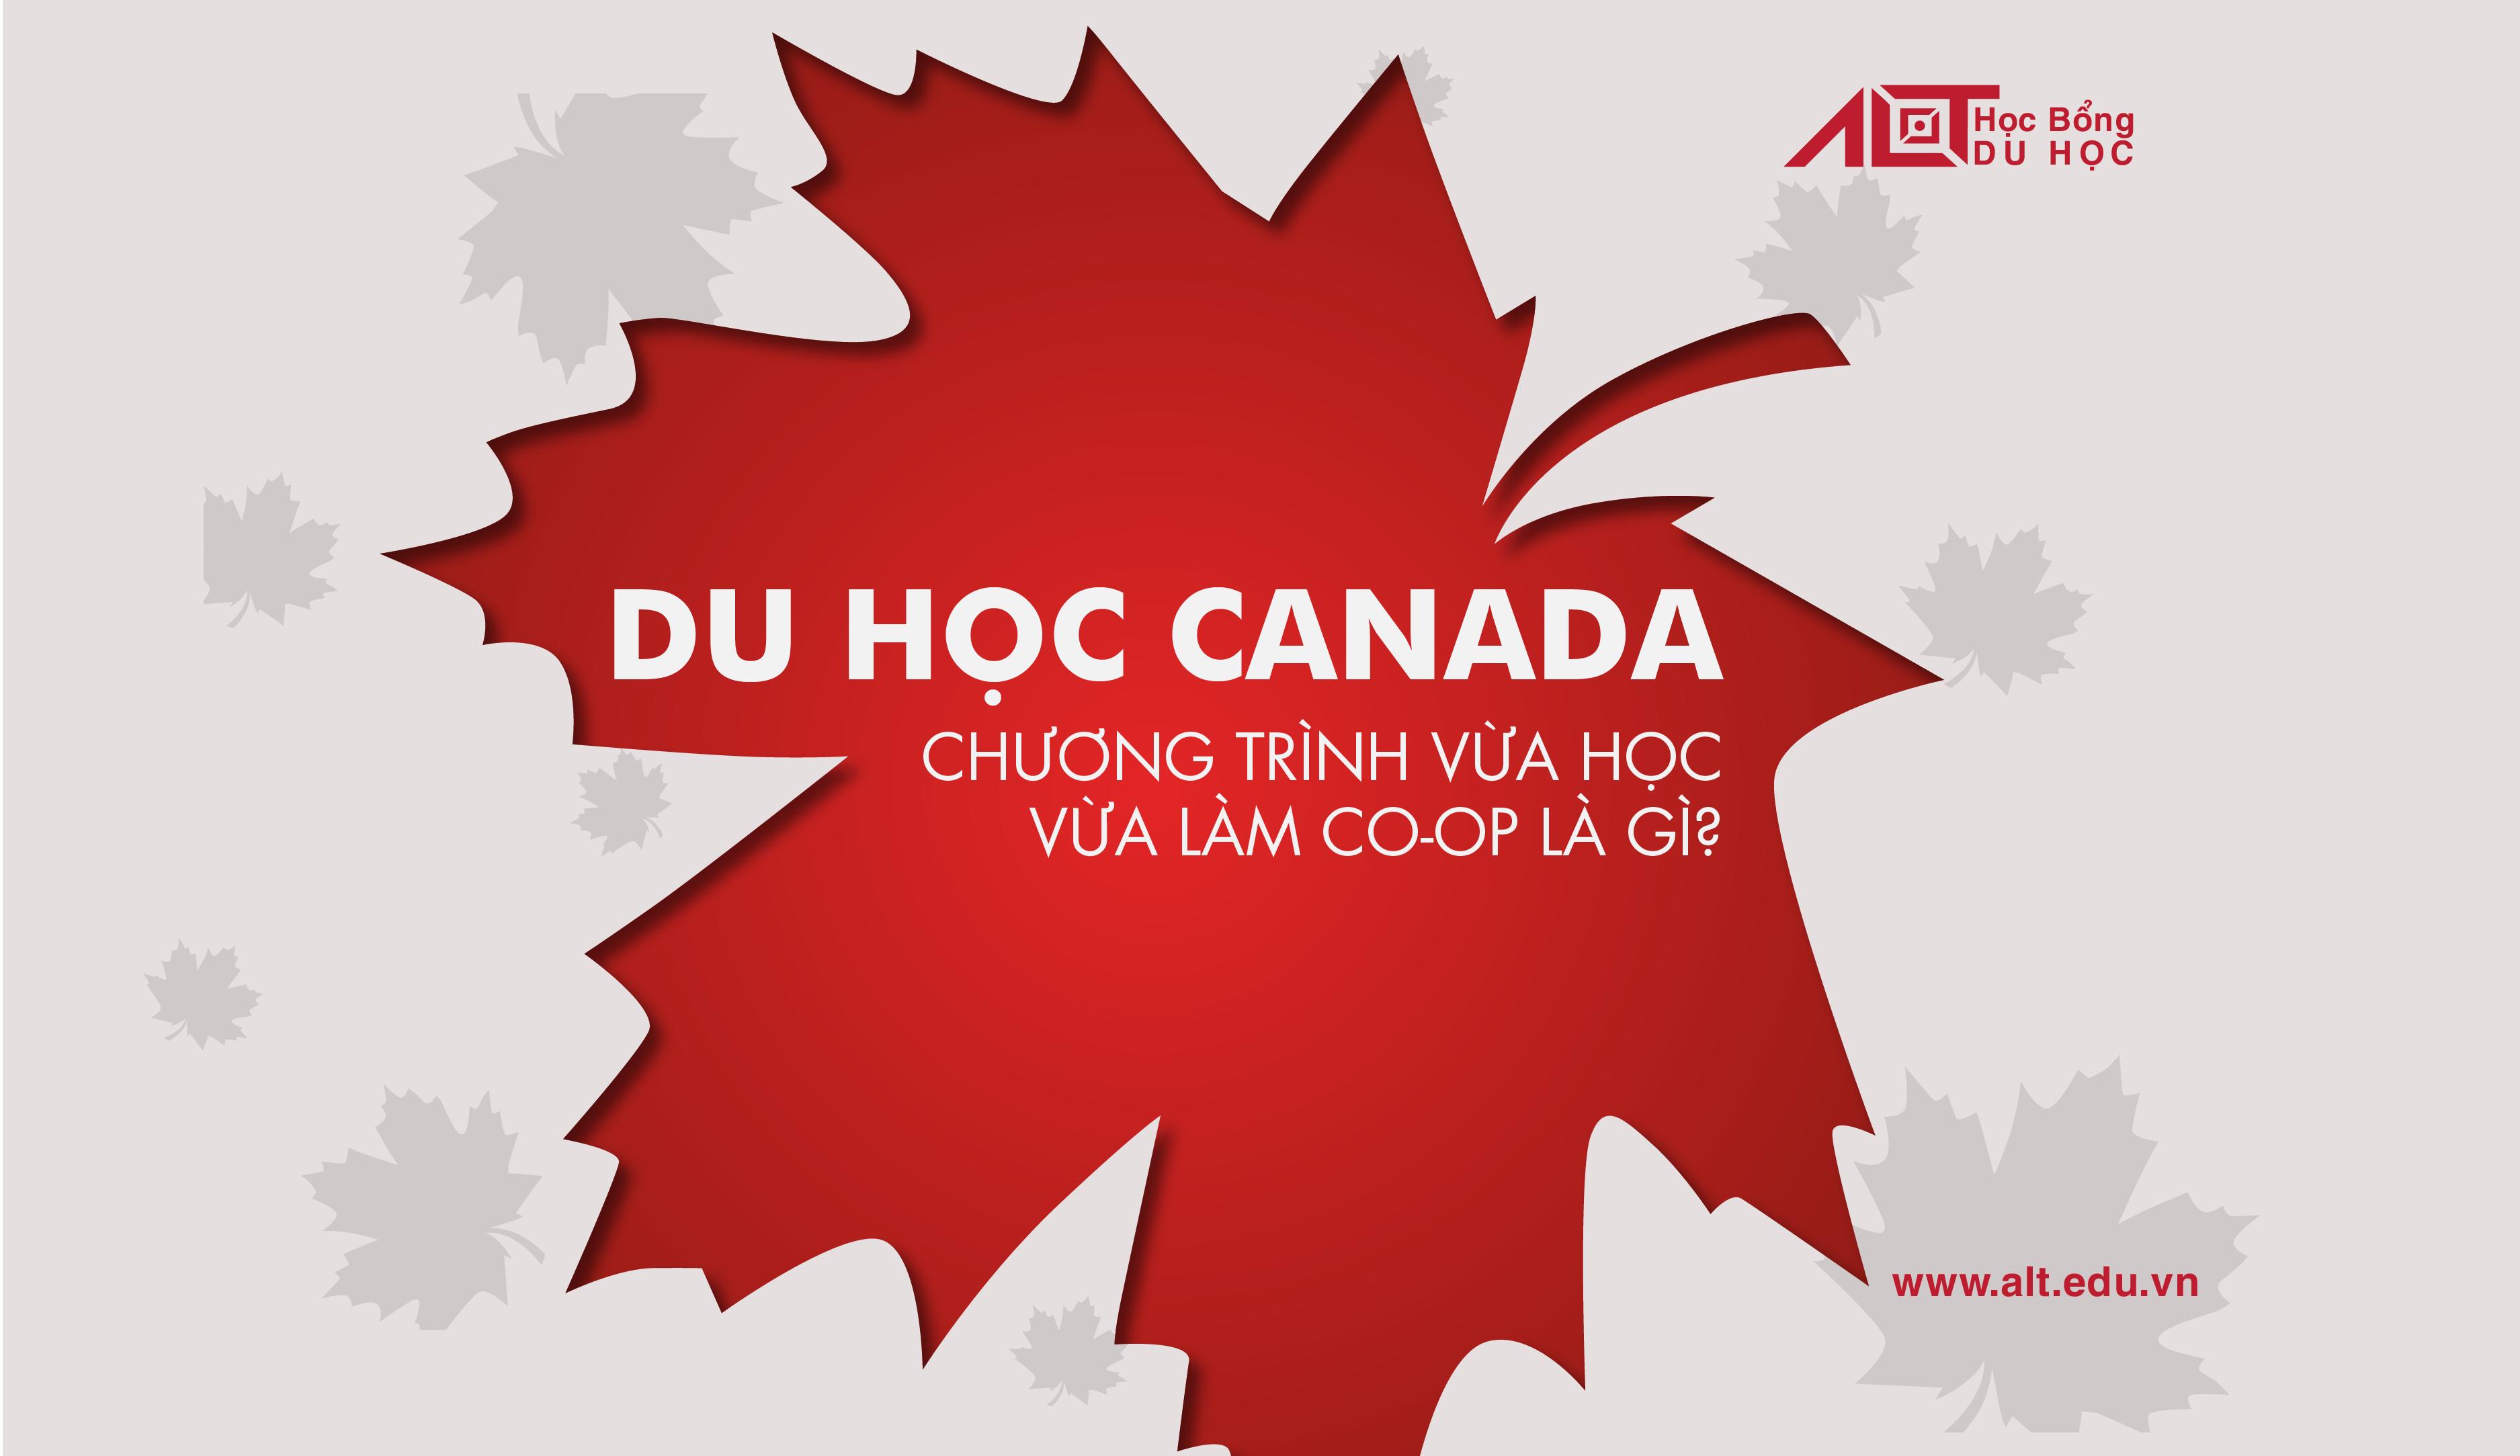 Du học Canada và chương trình Co-op